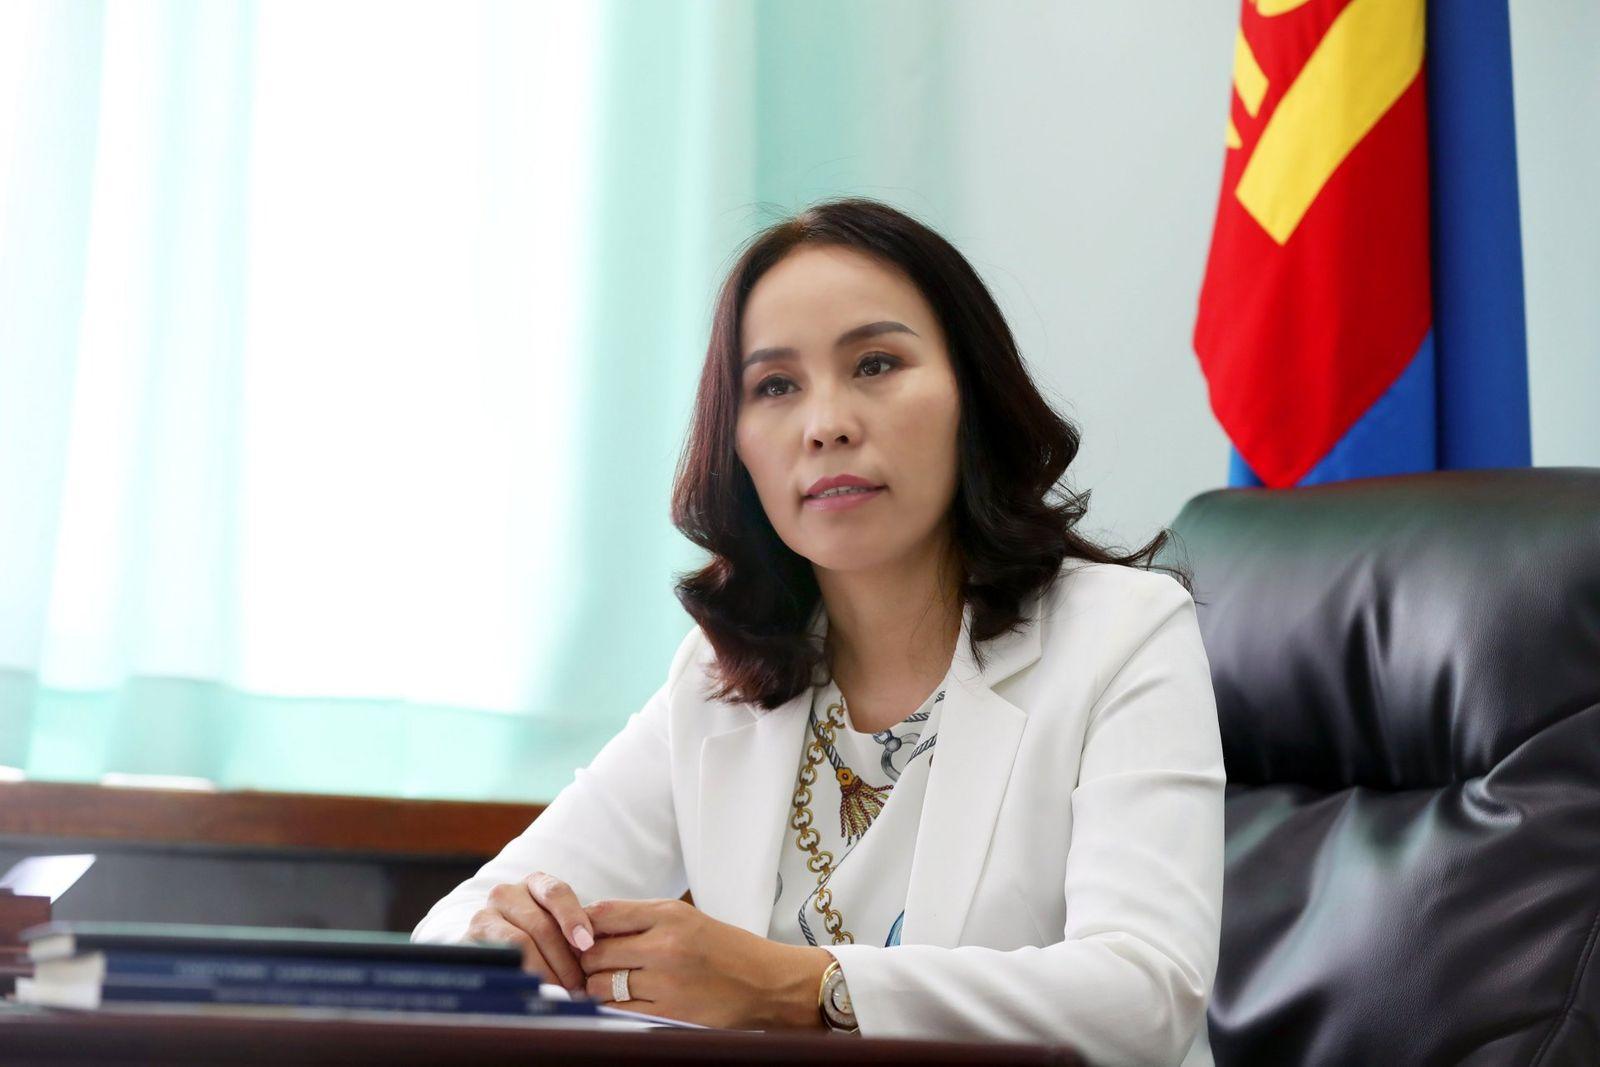 Ц.Мөнхцэцэг: Засгийн газар солигдсон ч Монгол Улсын хөгжлийн бодлого, МАН-ын амлалт өөрчлөгдөхгүй